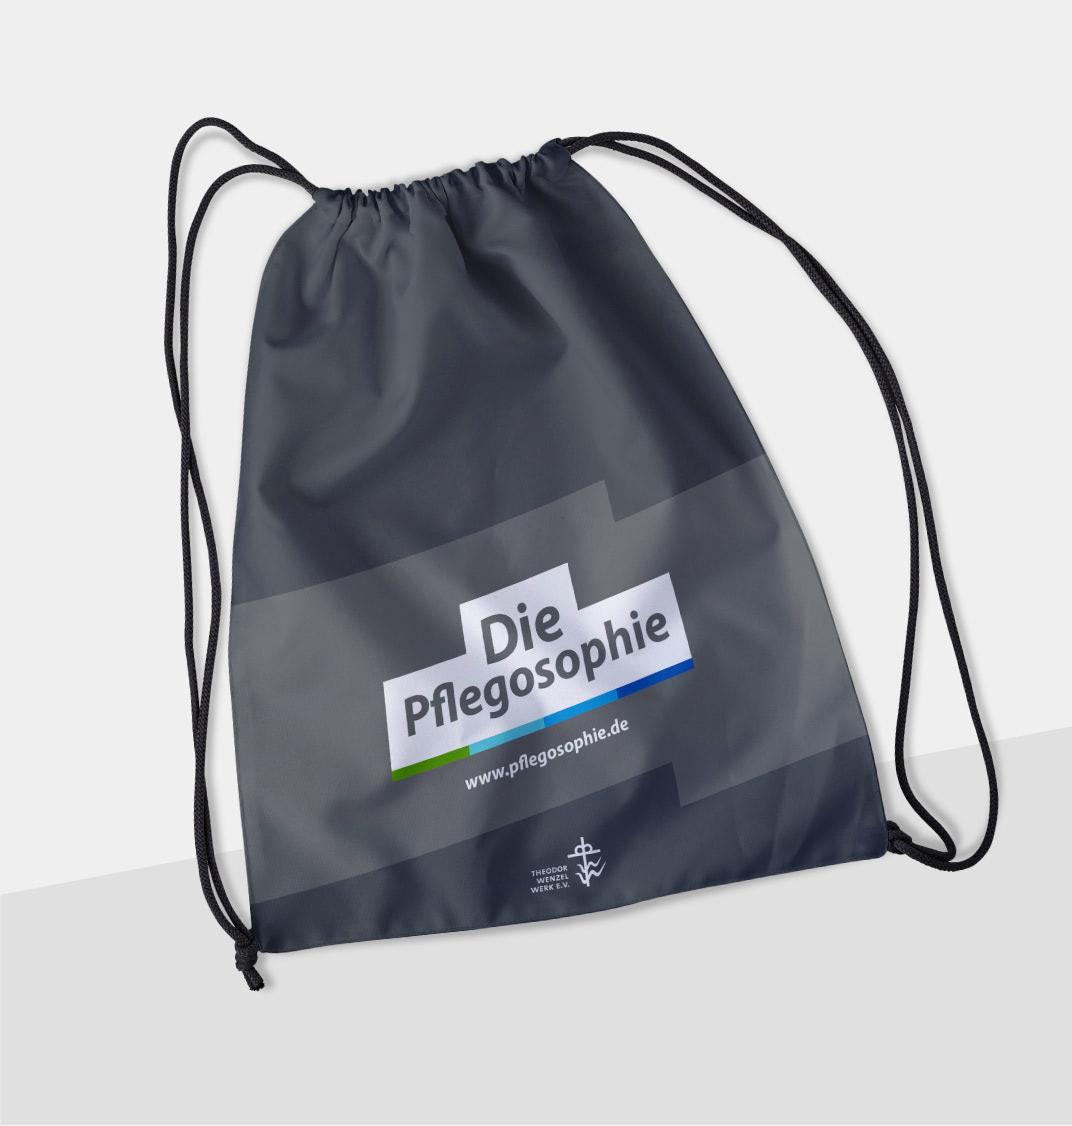 Bild eines Gymbags mit Pflegosophie-Aufdruck, gestaltet von der Healthcare Werbeagentur mcs